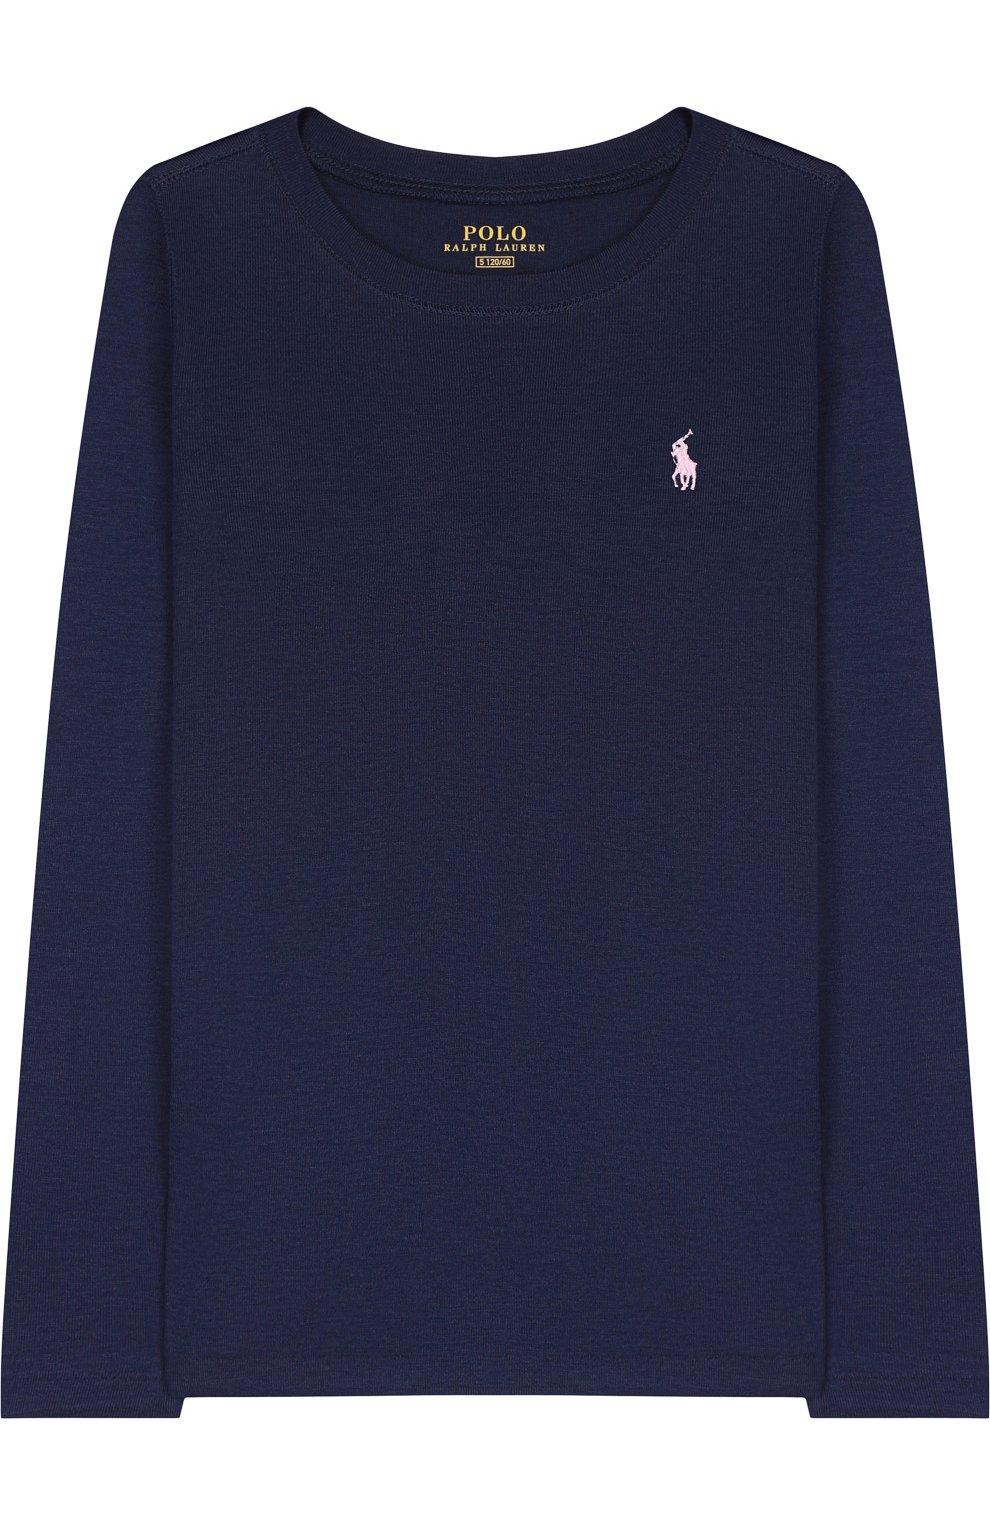 e3e74ed81392 ... Polo Ralph Lauren. Однотонный лонгслив с логотипом бренда   Фото №1